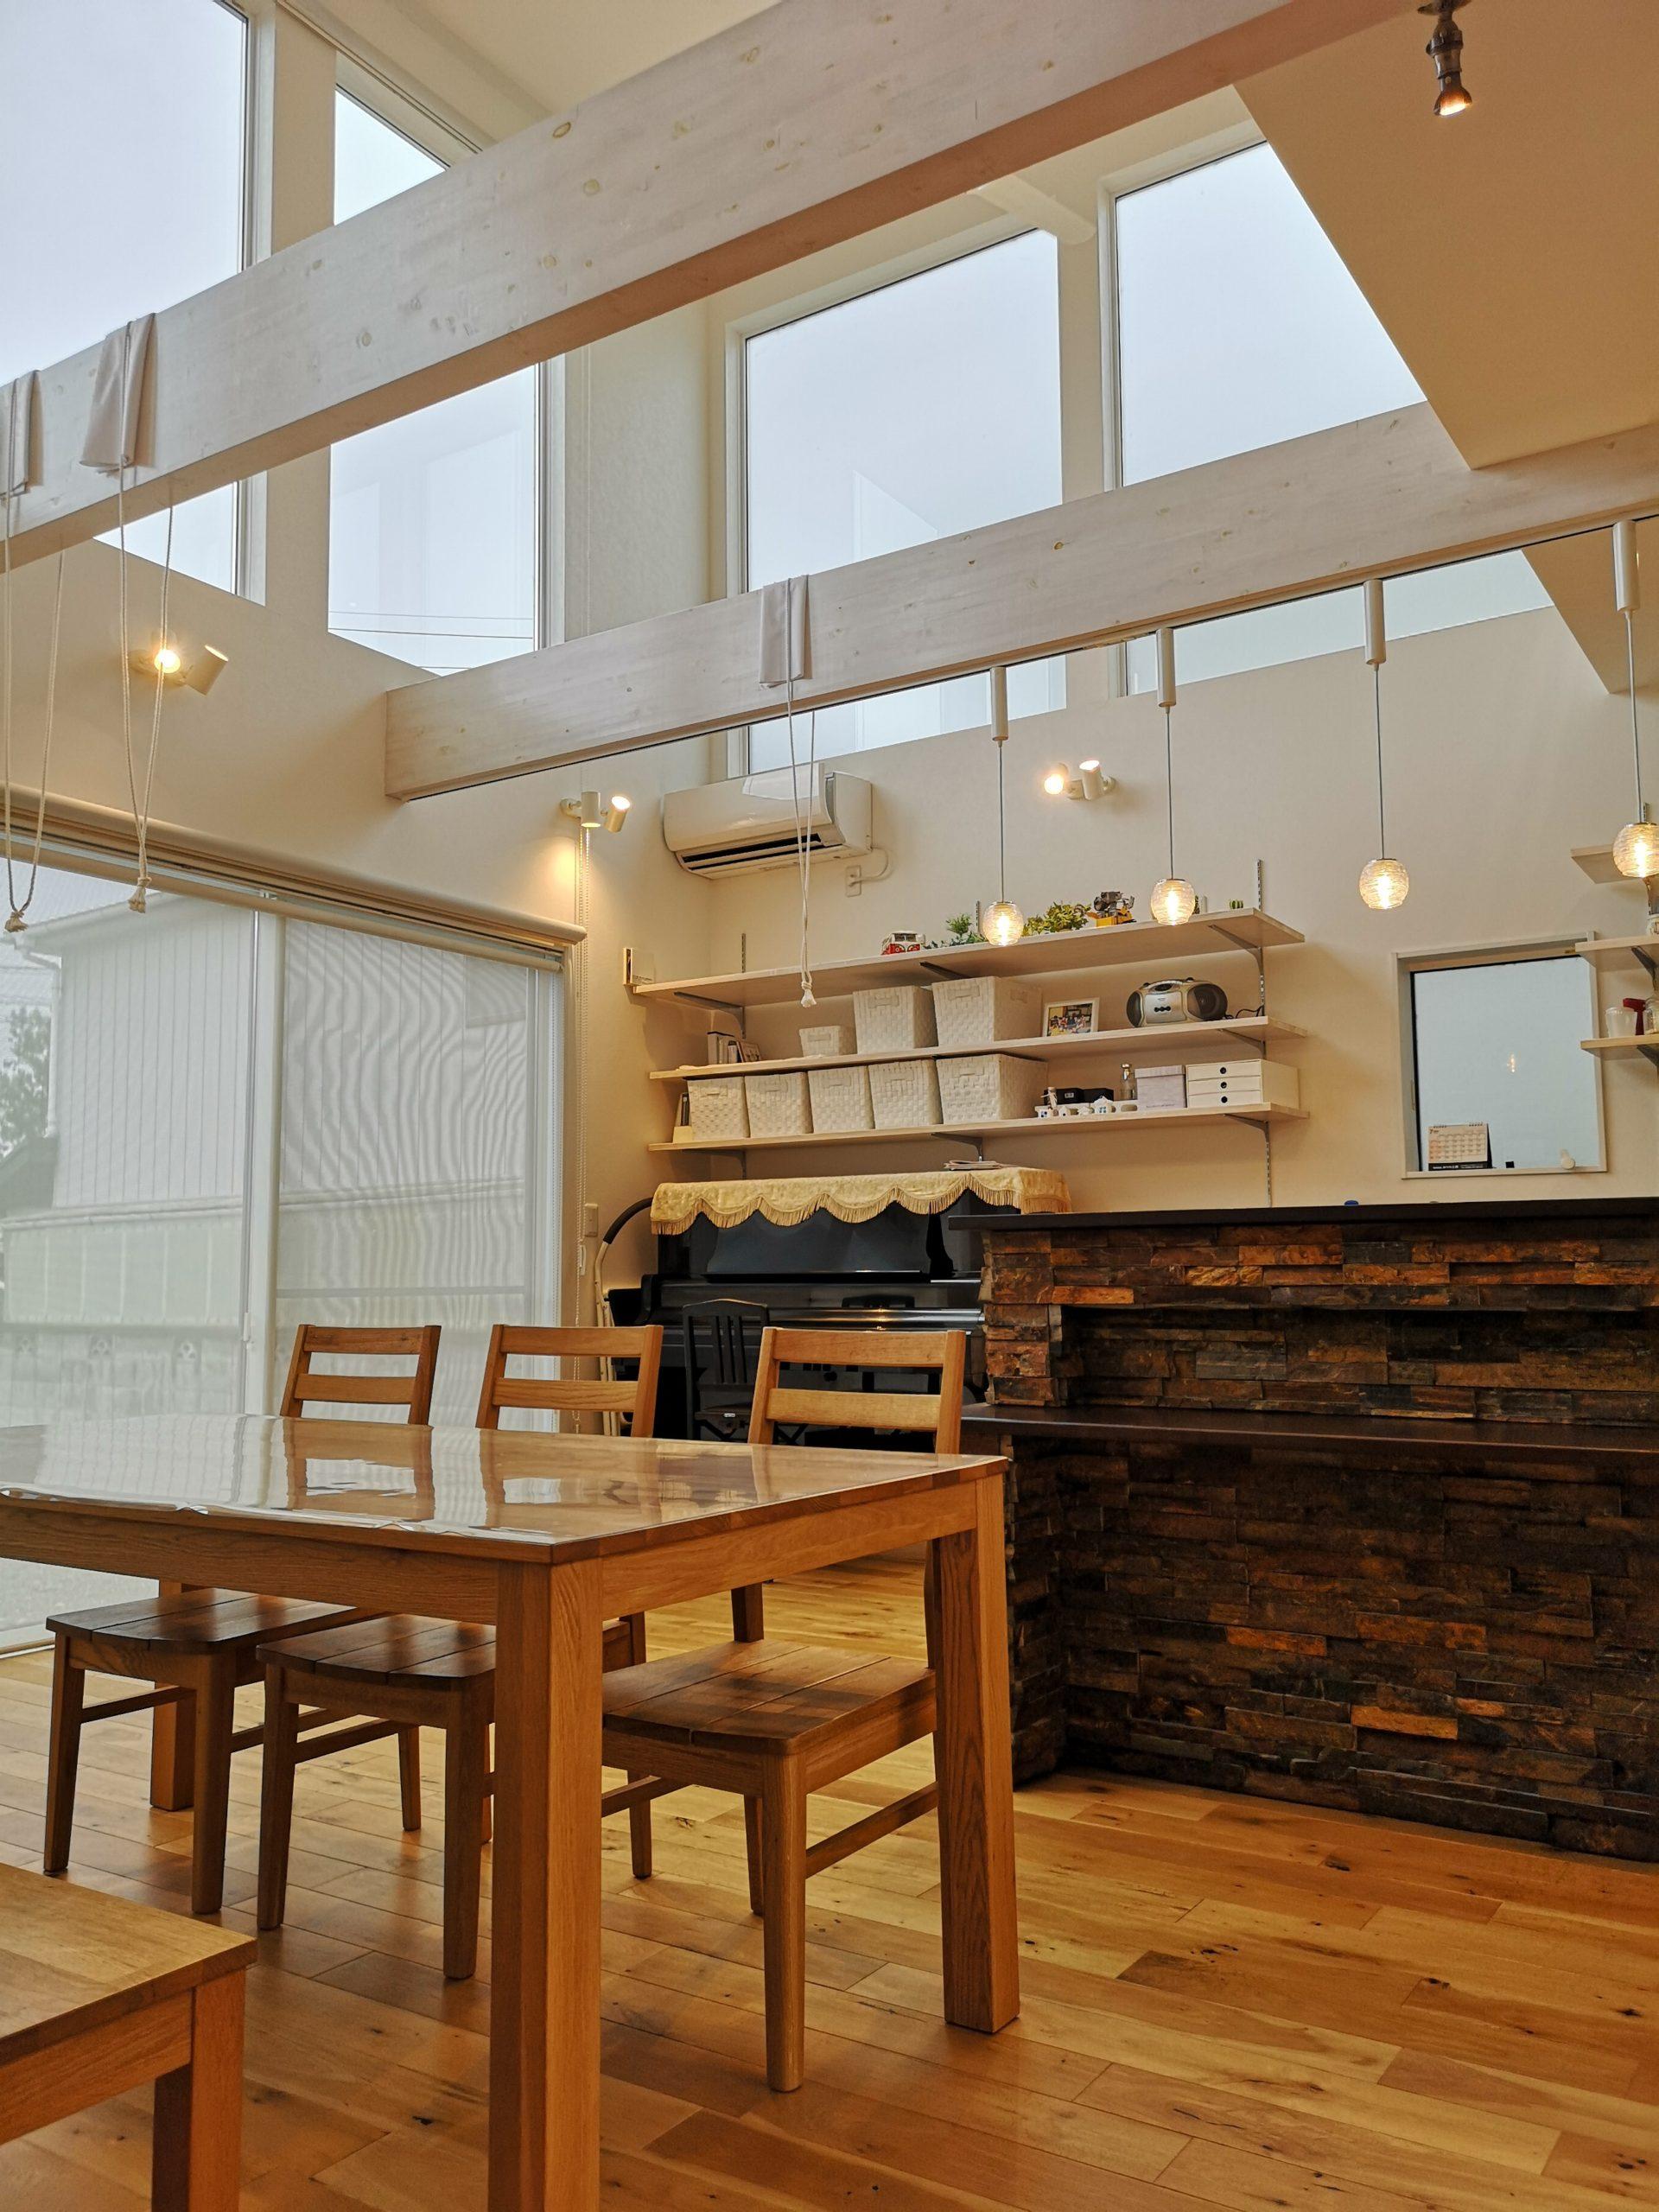 おうちづくり無料相談/栃木県栃木市の家づくりイベント